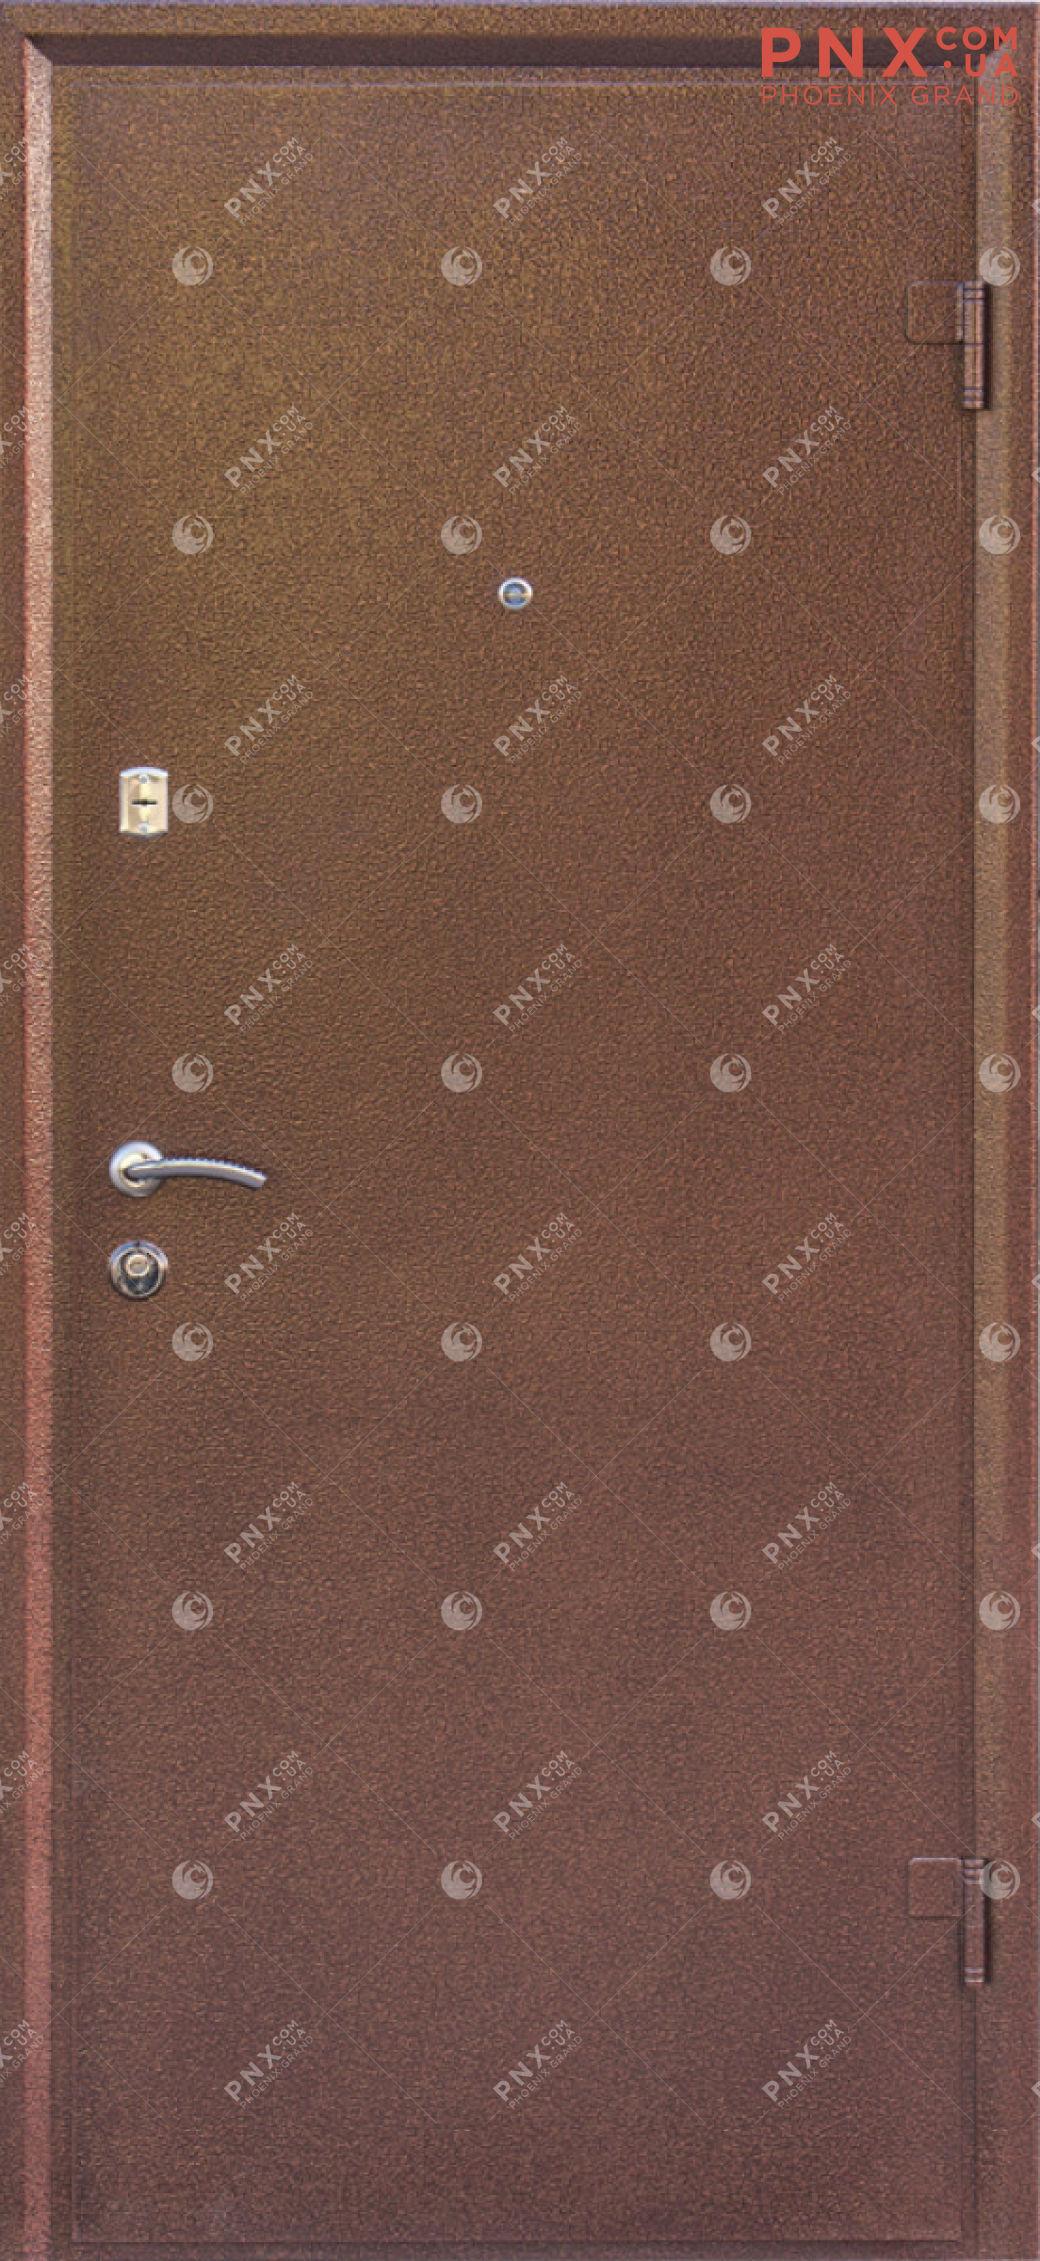 Входная дверь Форт Нокс, Гранд, металл/мдф Антик медь/Орех мореный DА-8